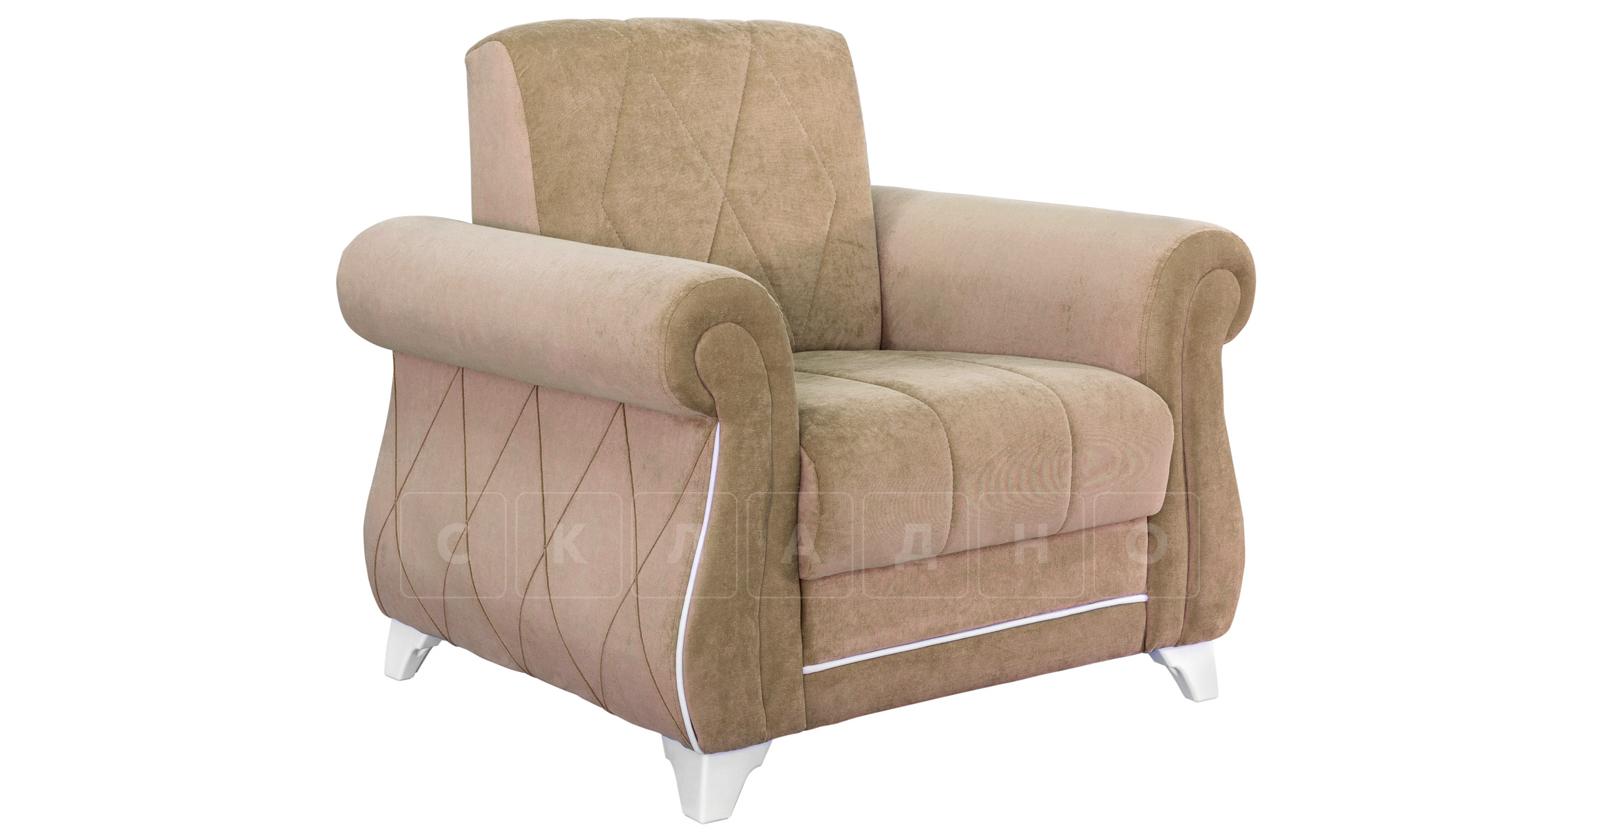 Кресло для отдыха Роза бежево-песочный фото 1 | интернет-магазин Складно